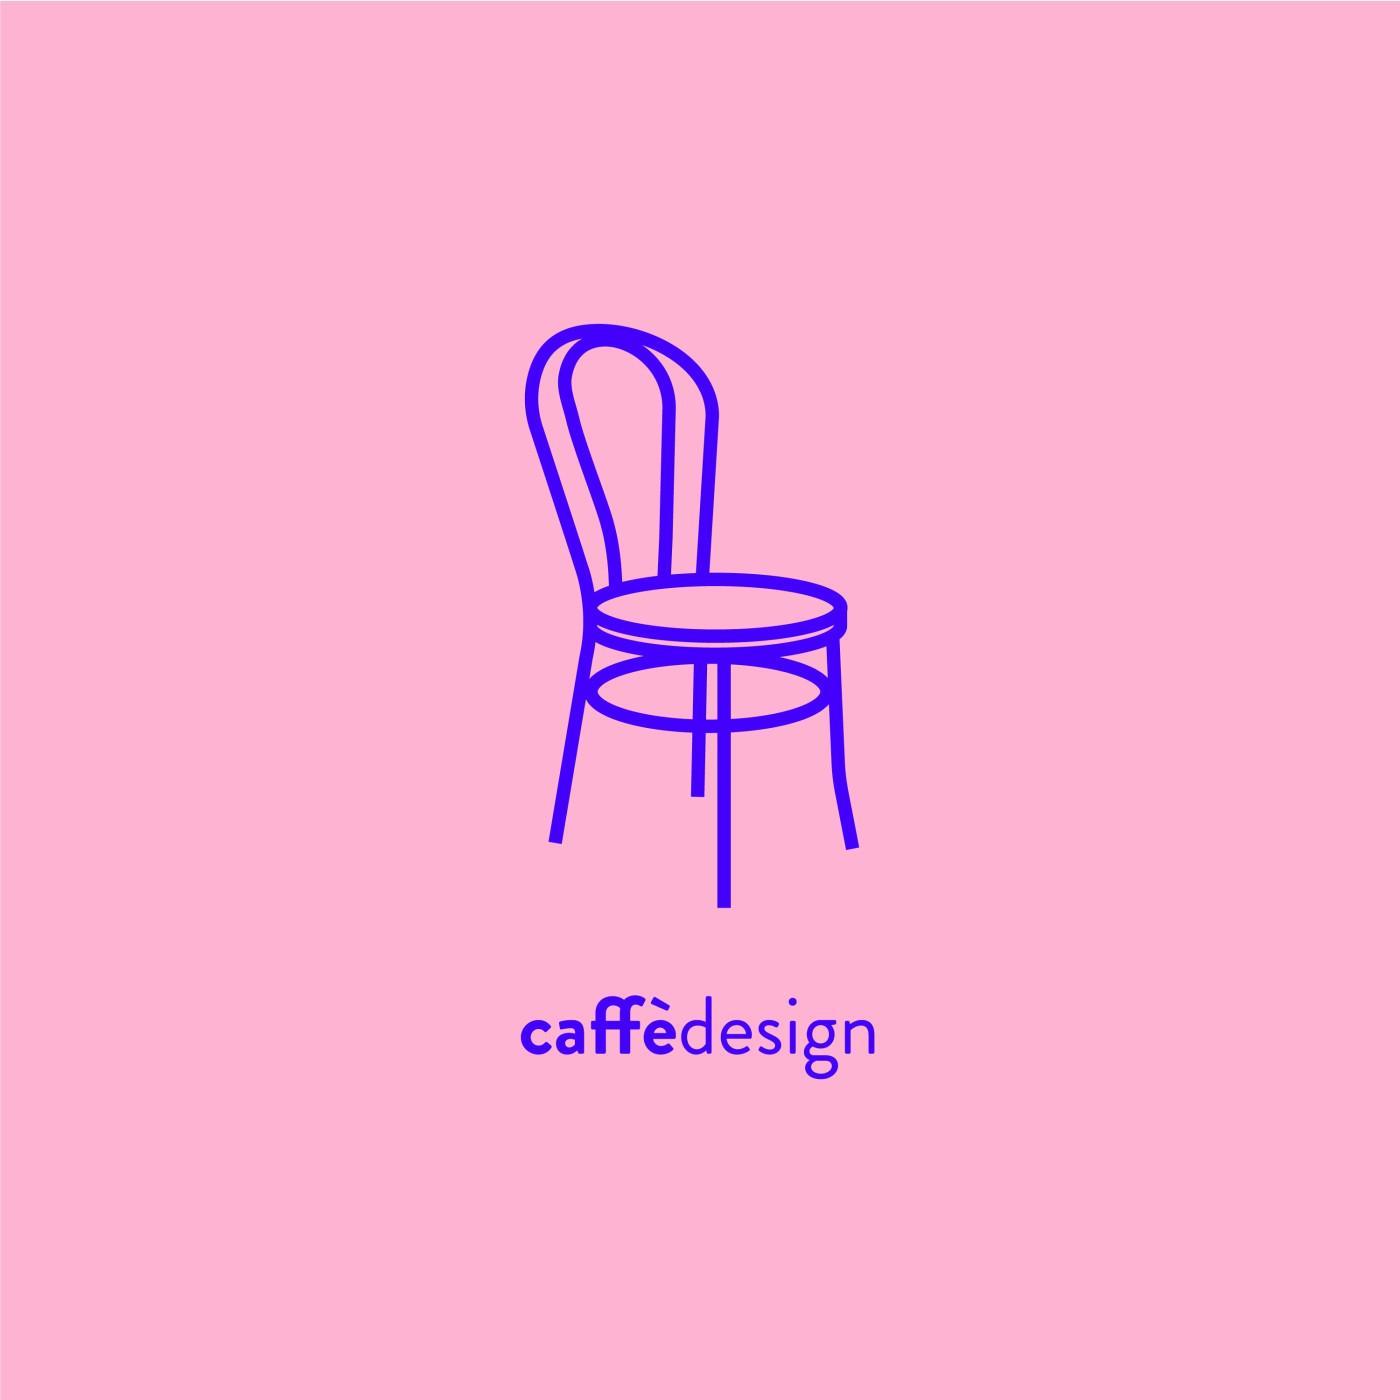 caff%C3%A8 design caff%C3%A8 design 5 migliori Podcast di Architettura e Design